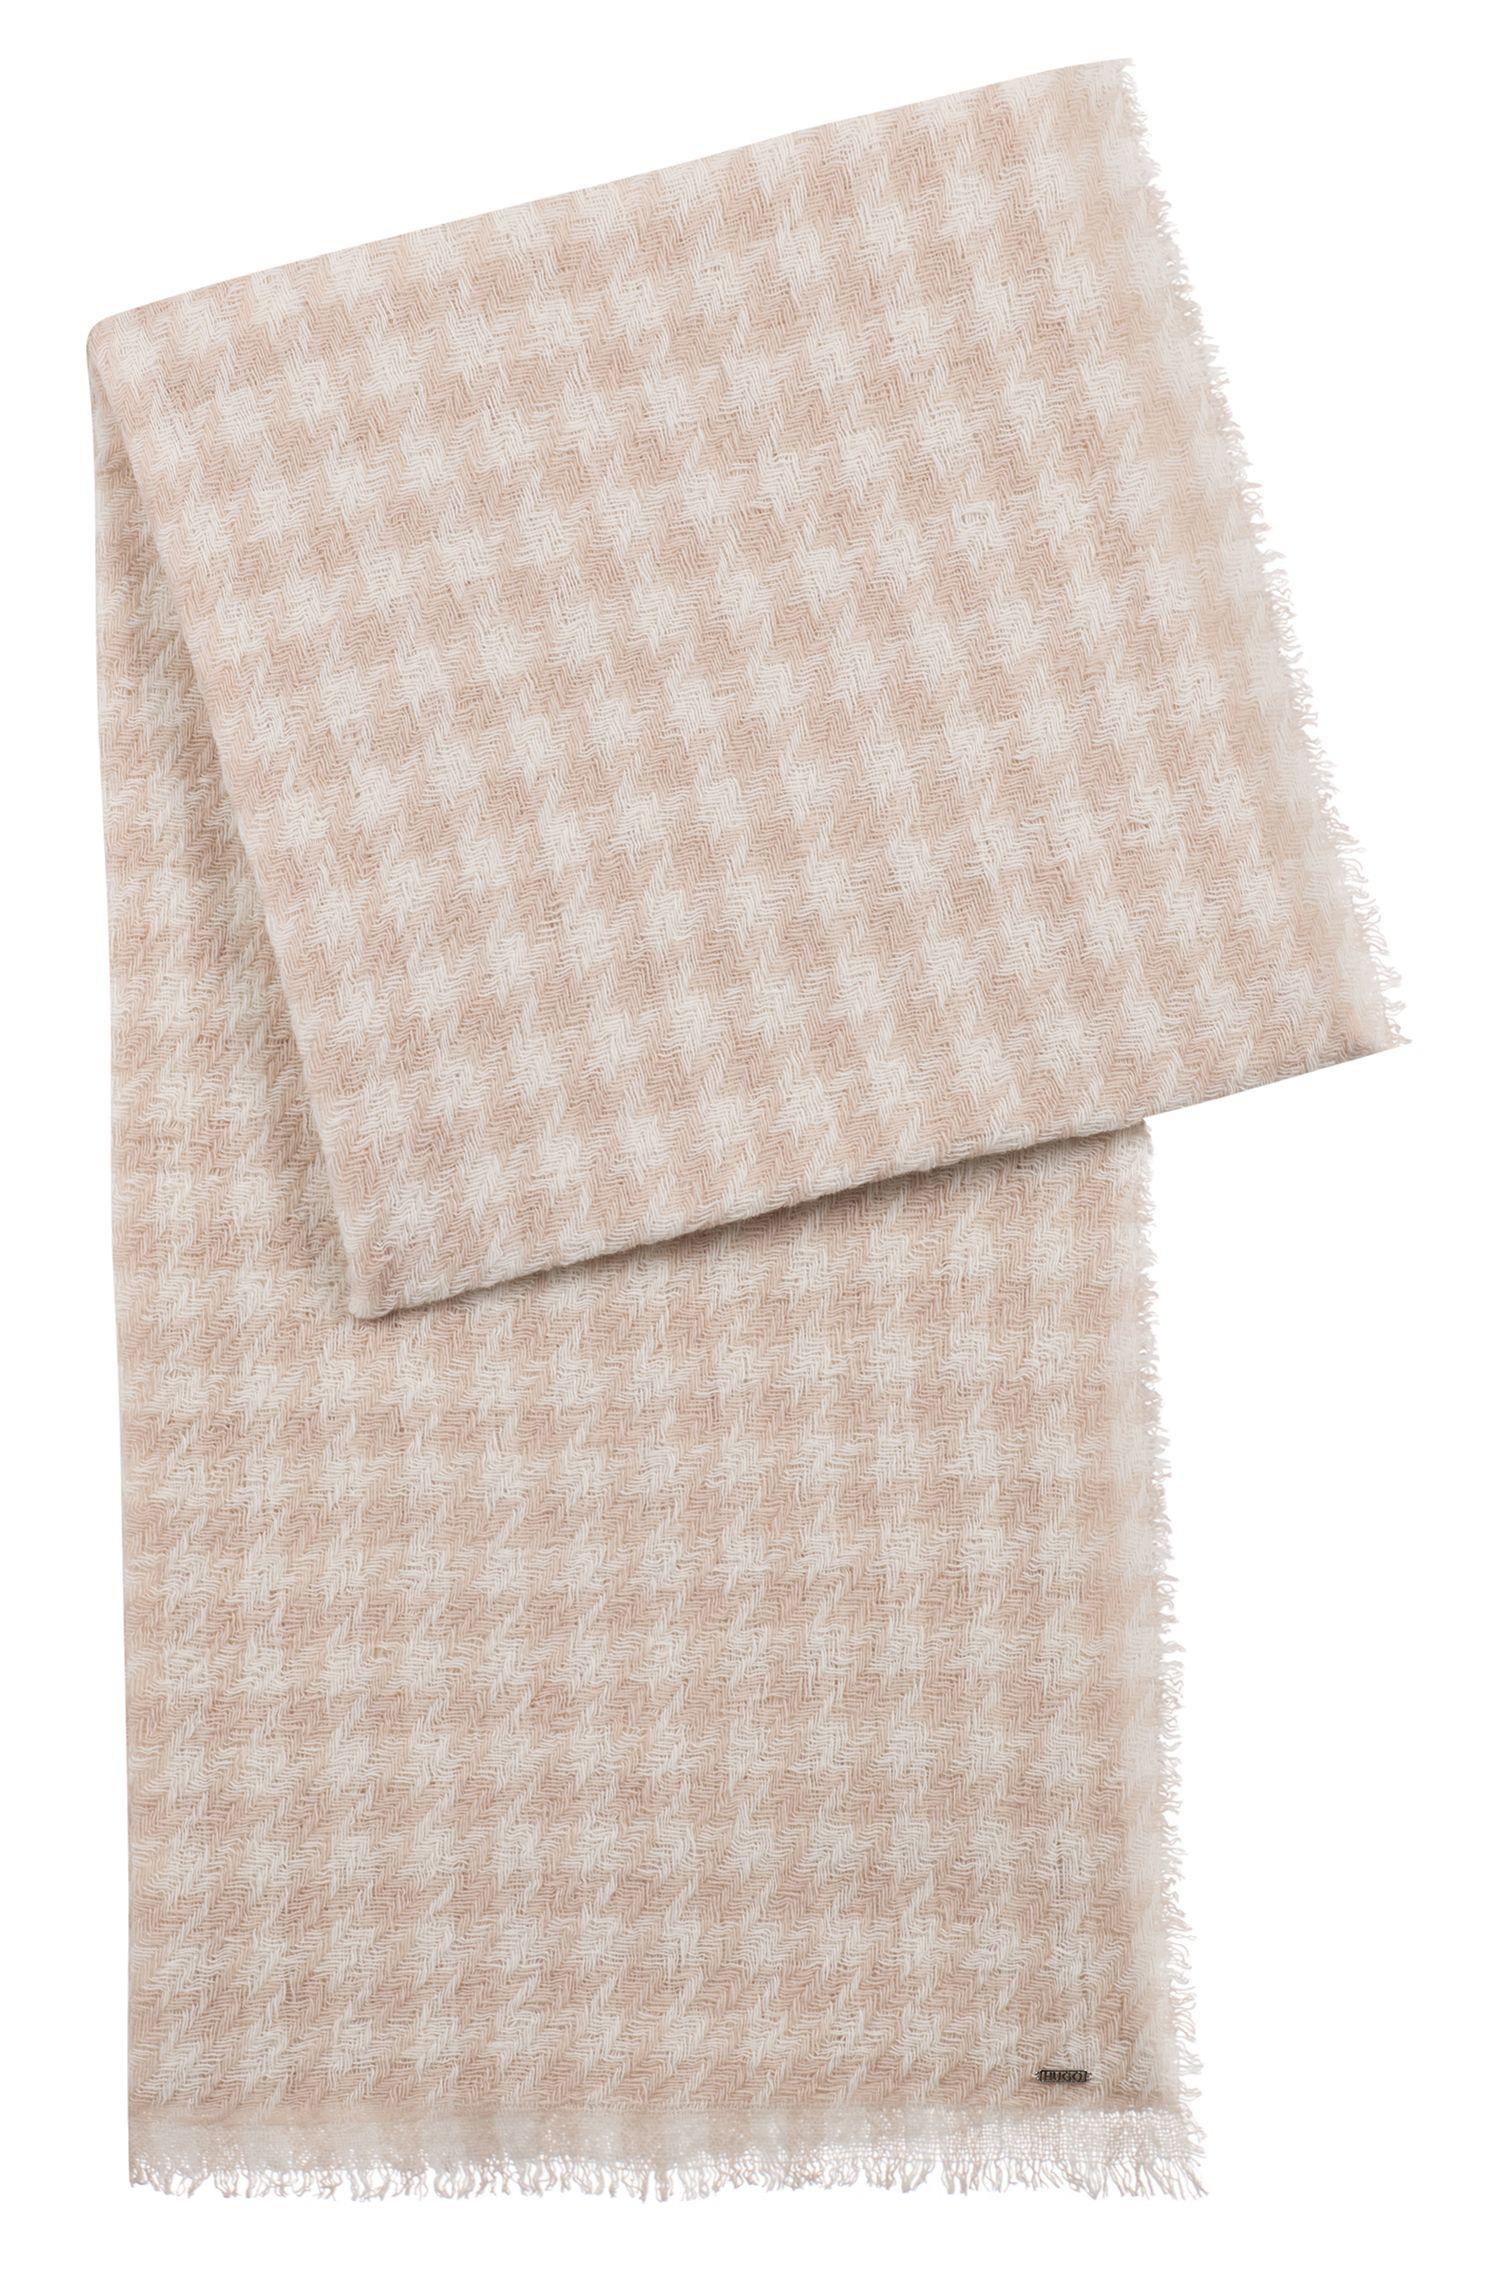 Écharpe en maille jacquard de laine vierge mélangée à carreaux pied-de-poule, Fantaisie